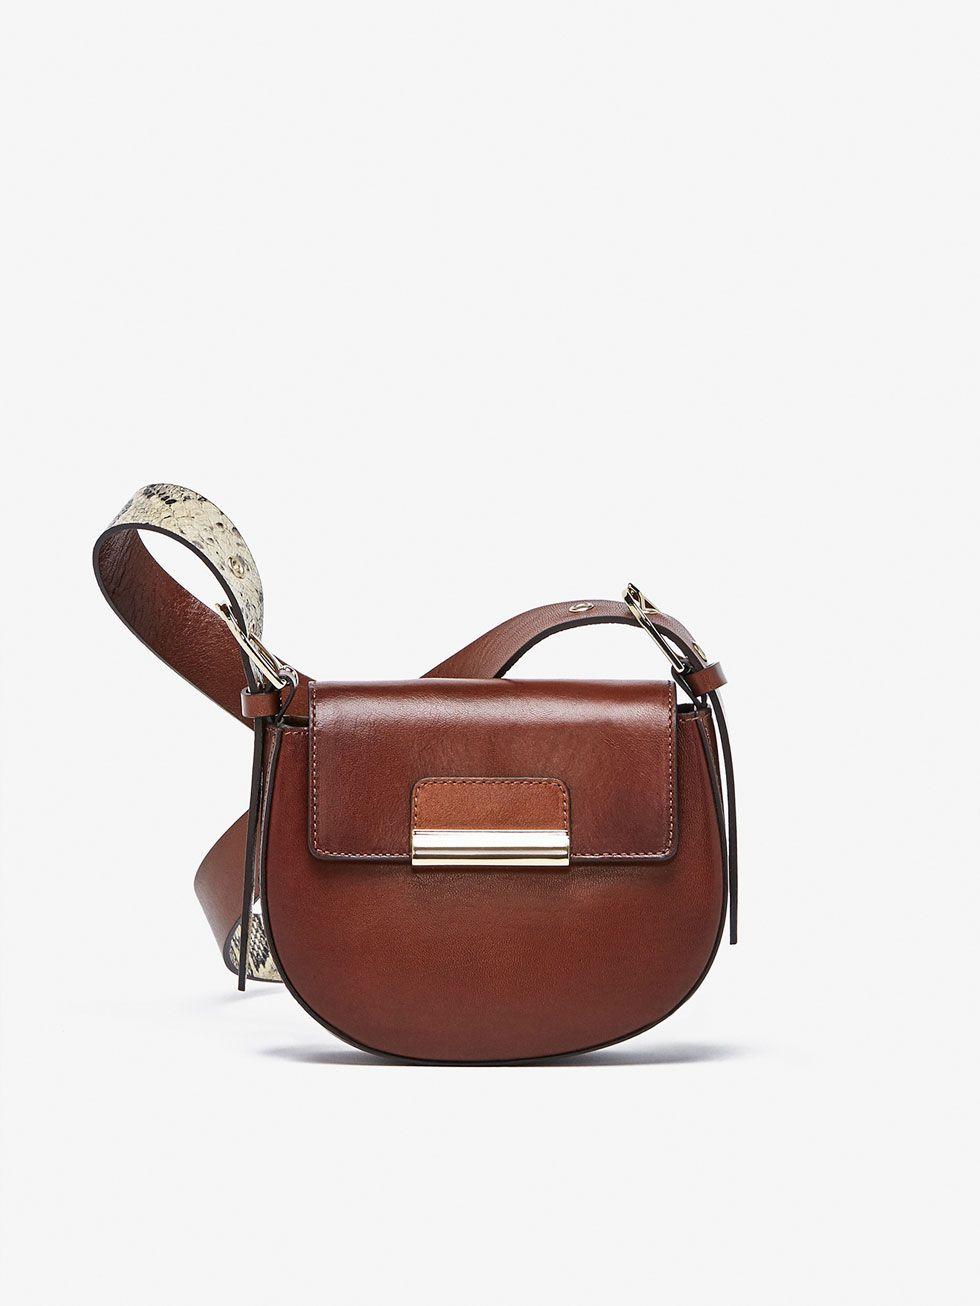 845eefac26e Prikaži sve - Torbe i novčanici - ŽENA - Massimo Dutti Saddle Bags, Crocs,